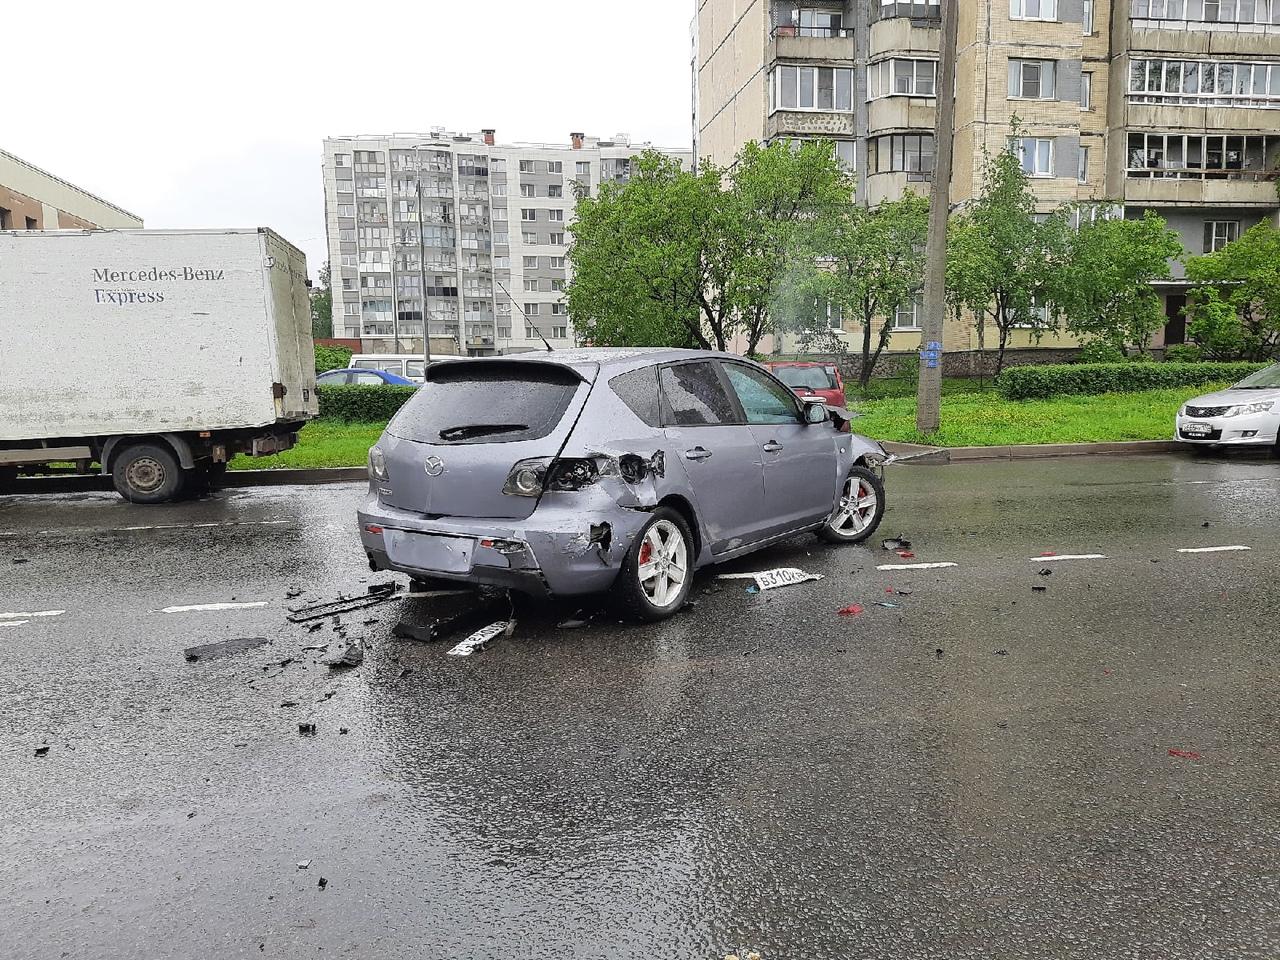 Авария на Передовиков из трех машин: Mazda, Киа и Лада 15. Больше всего не повезло Мазде (